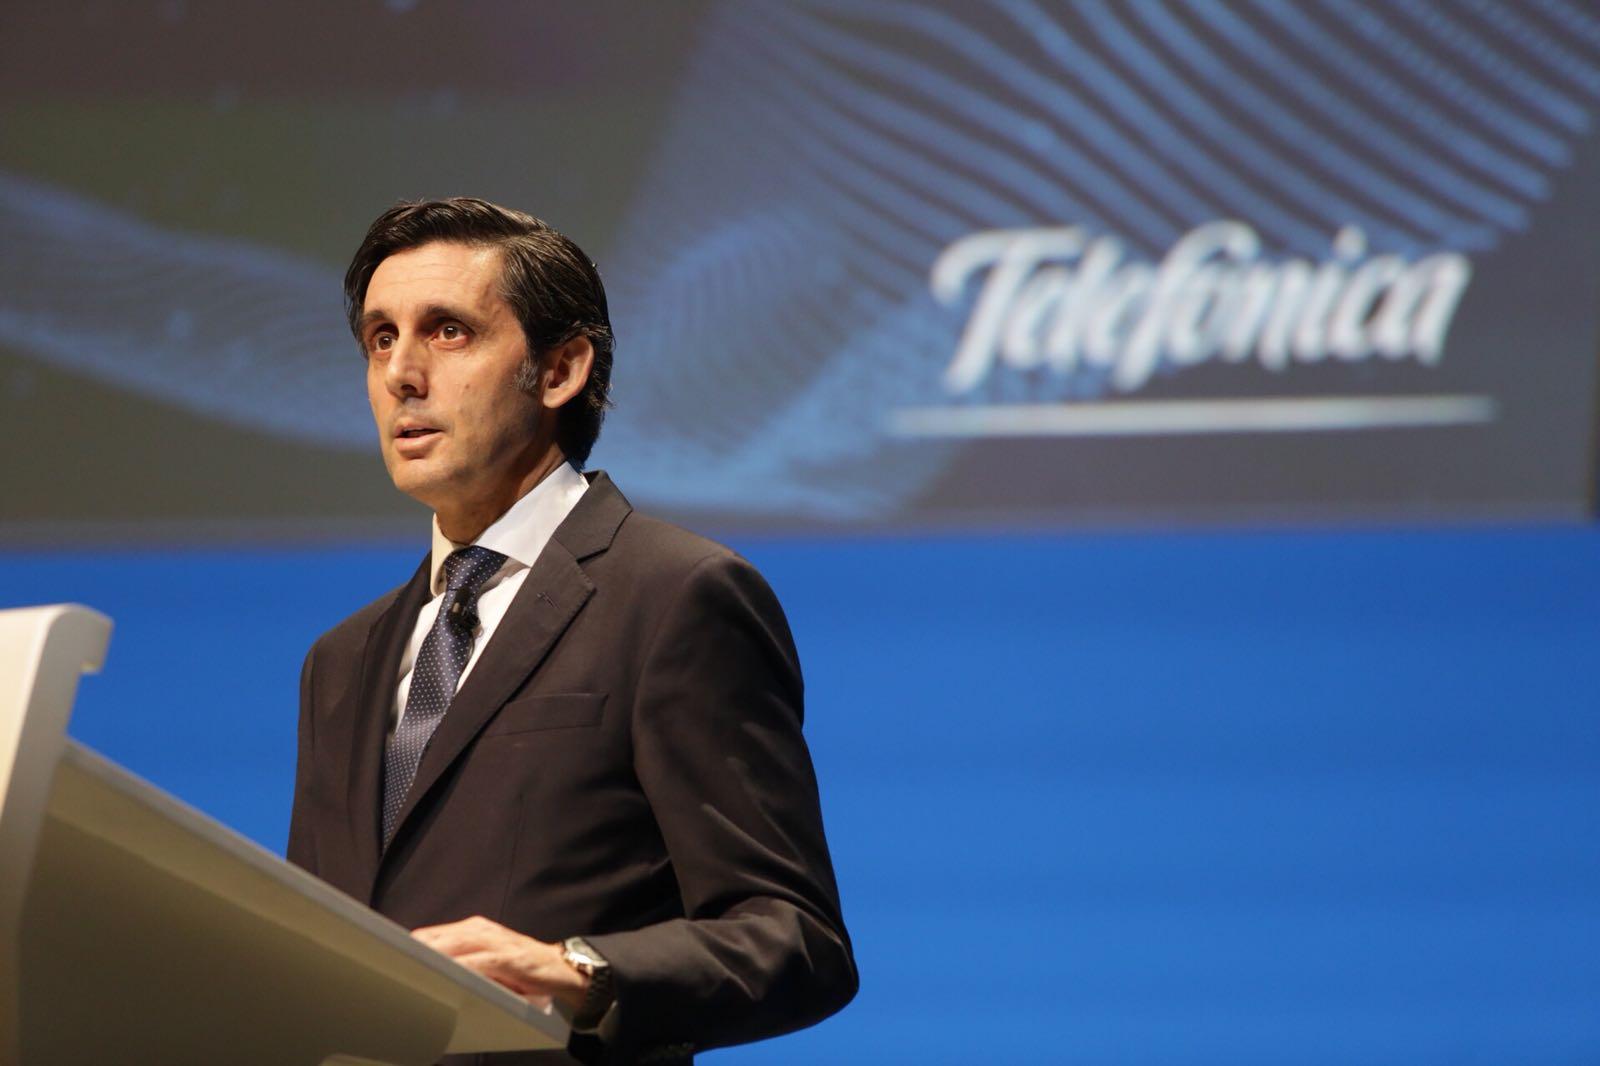 TElefonica reclama regulacion para las telecos de Europa